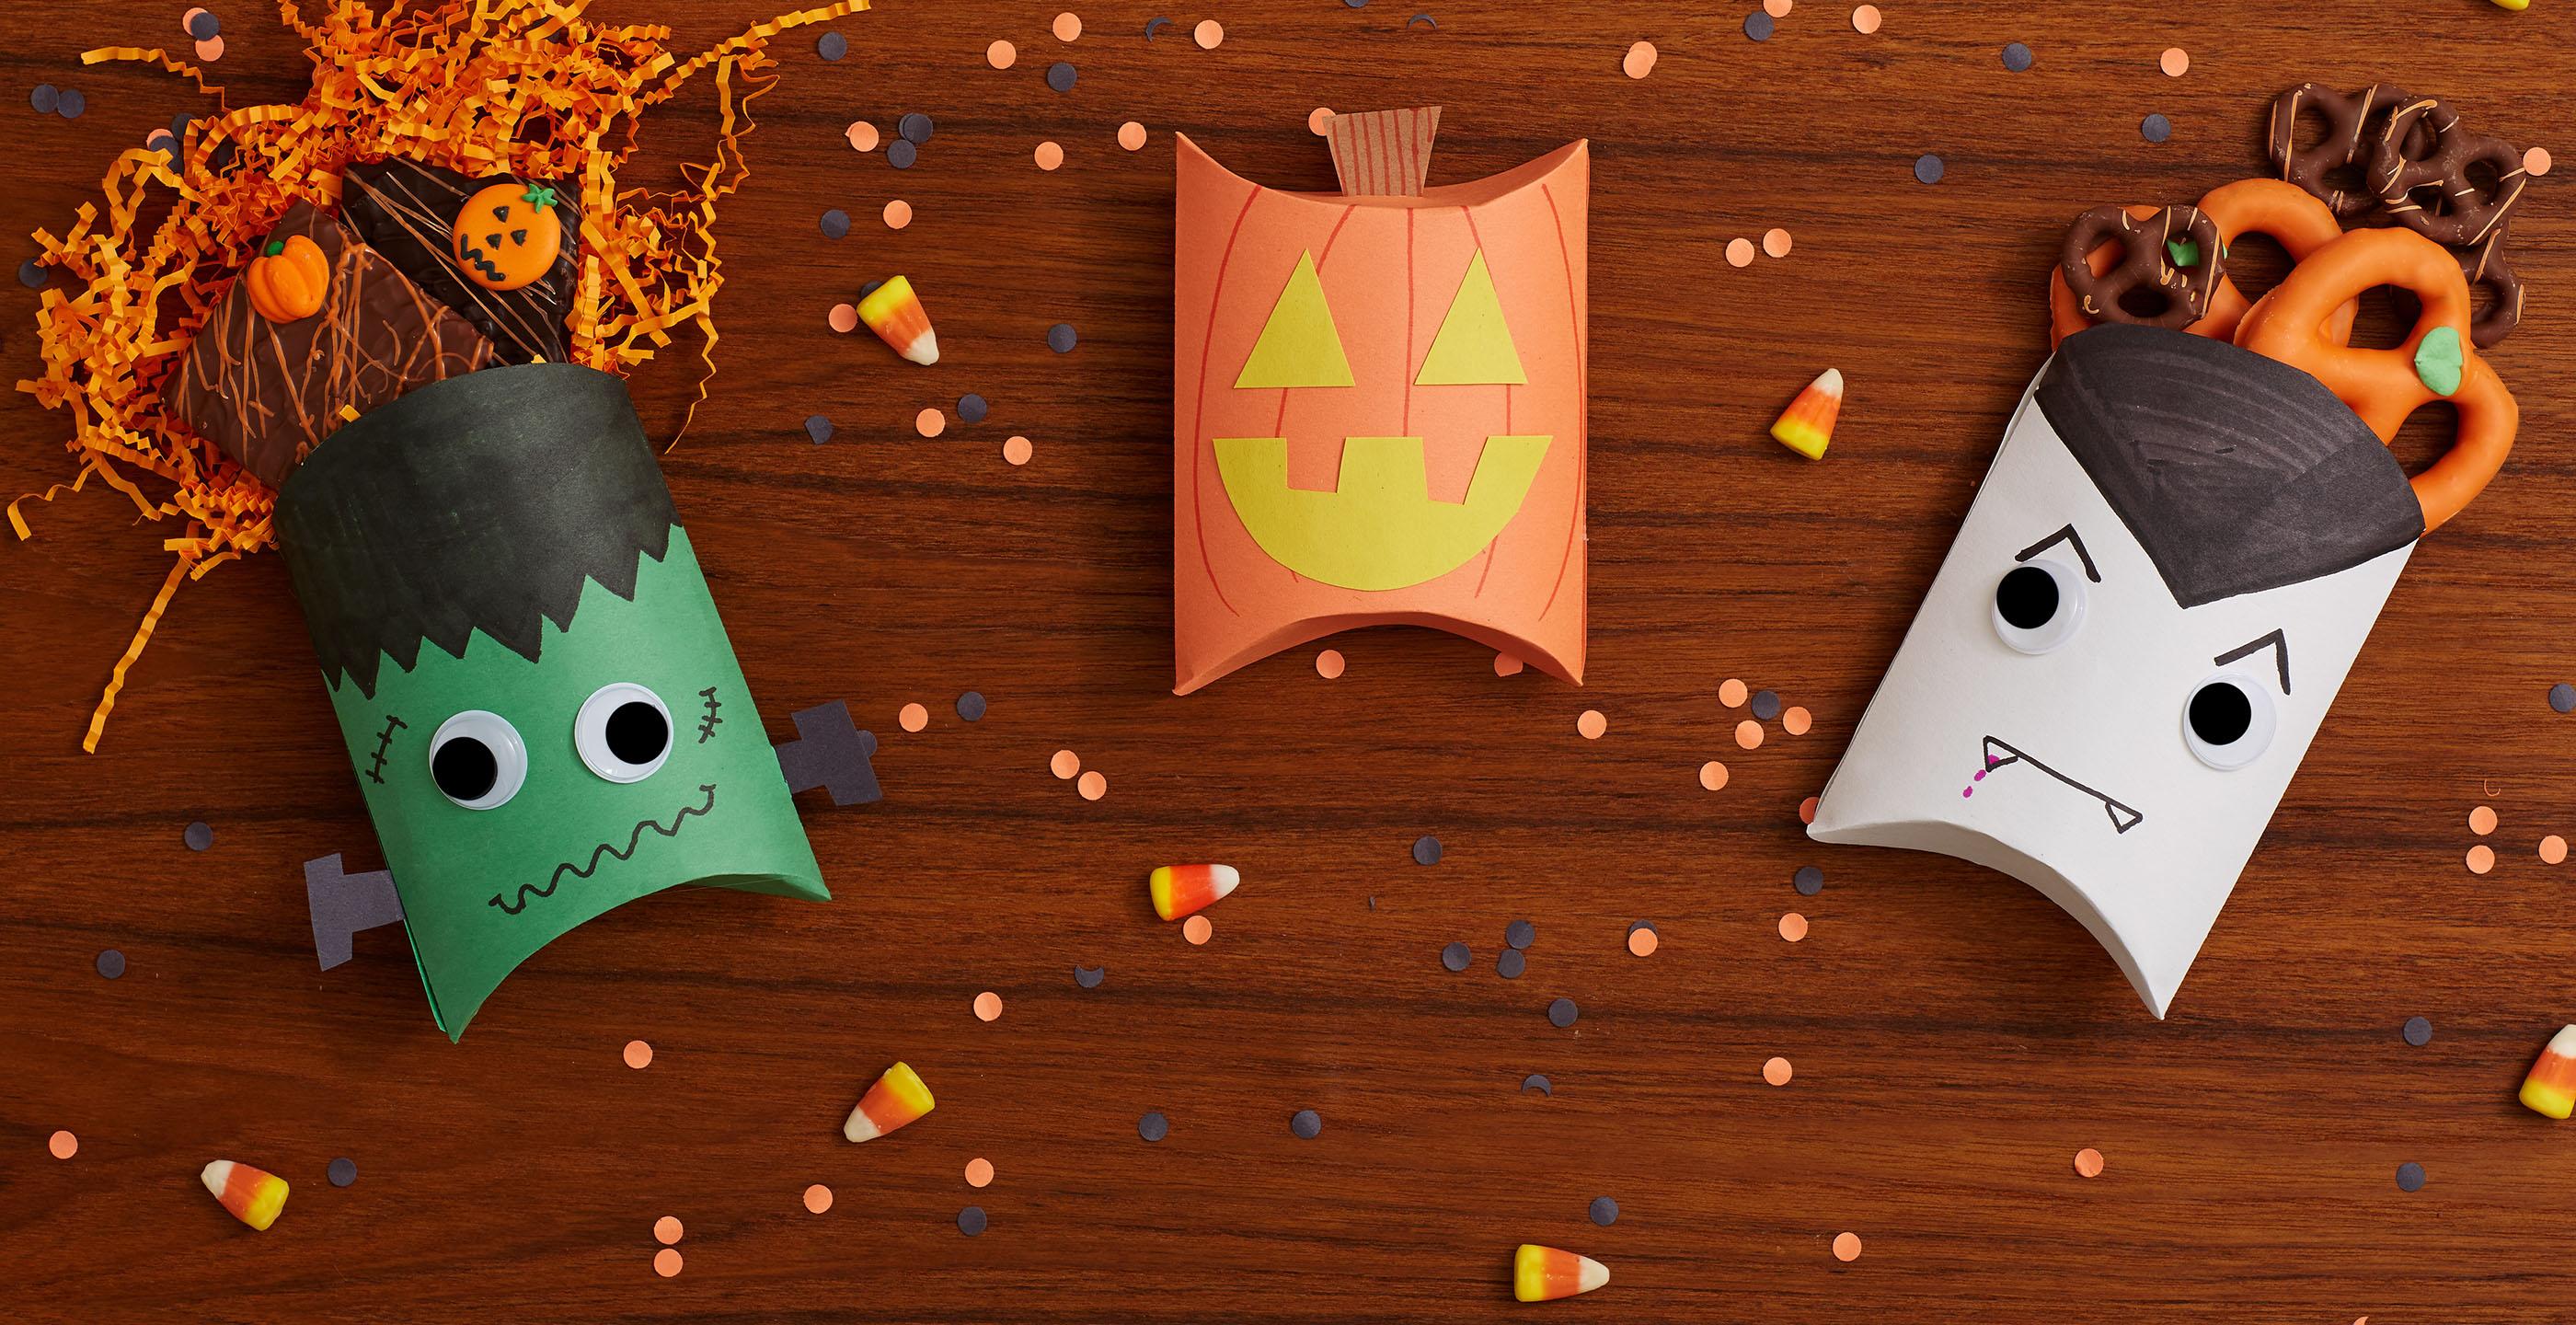 Поделки на хэллоуин своими руками как сделать